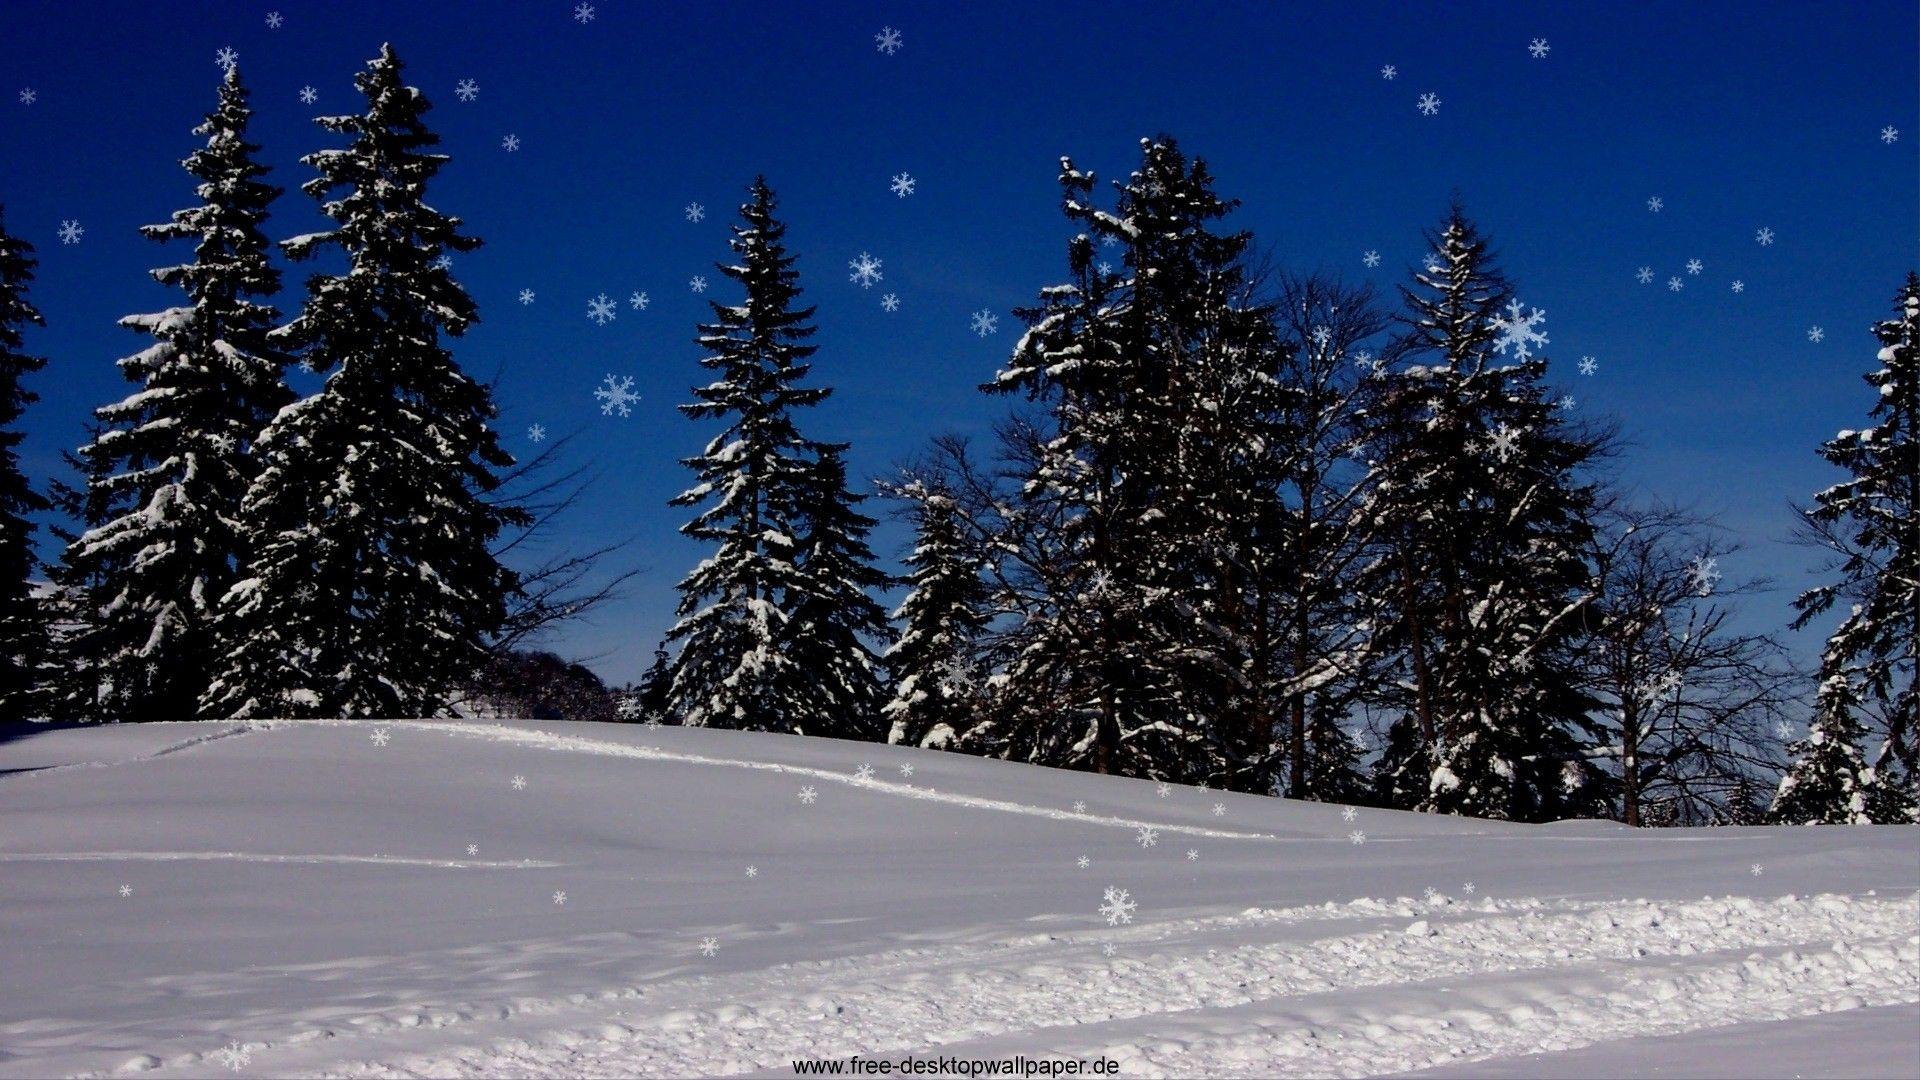 1920x1080 Free Snowy Christmas Desktop Wallpapers Www Wallpapers In Hd Christmas Desktop Wallpaper Christmas Wallpaper Free Free Christmas Desktop Wallpaper